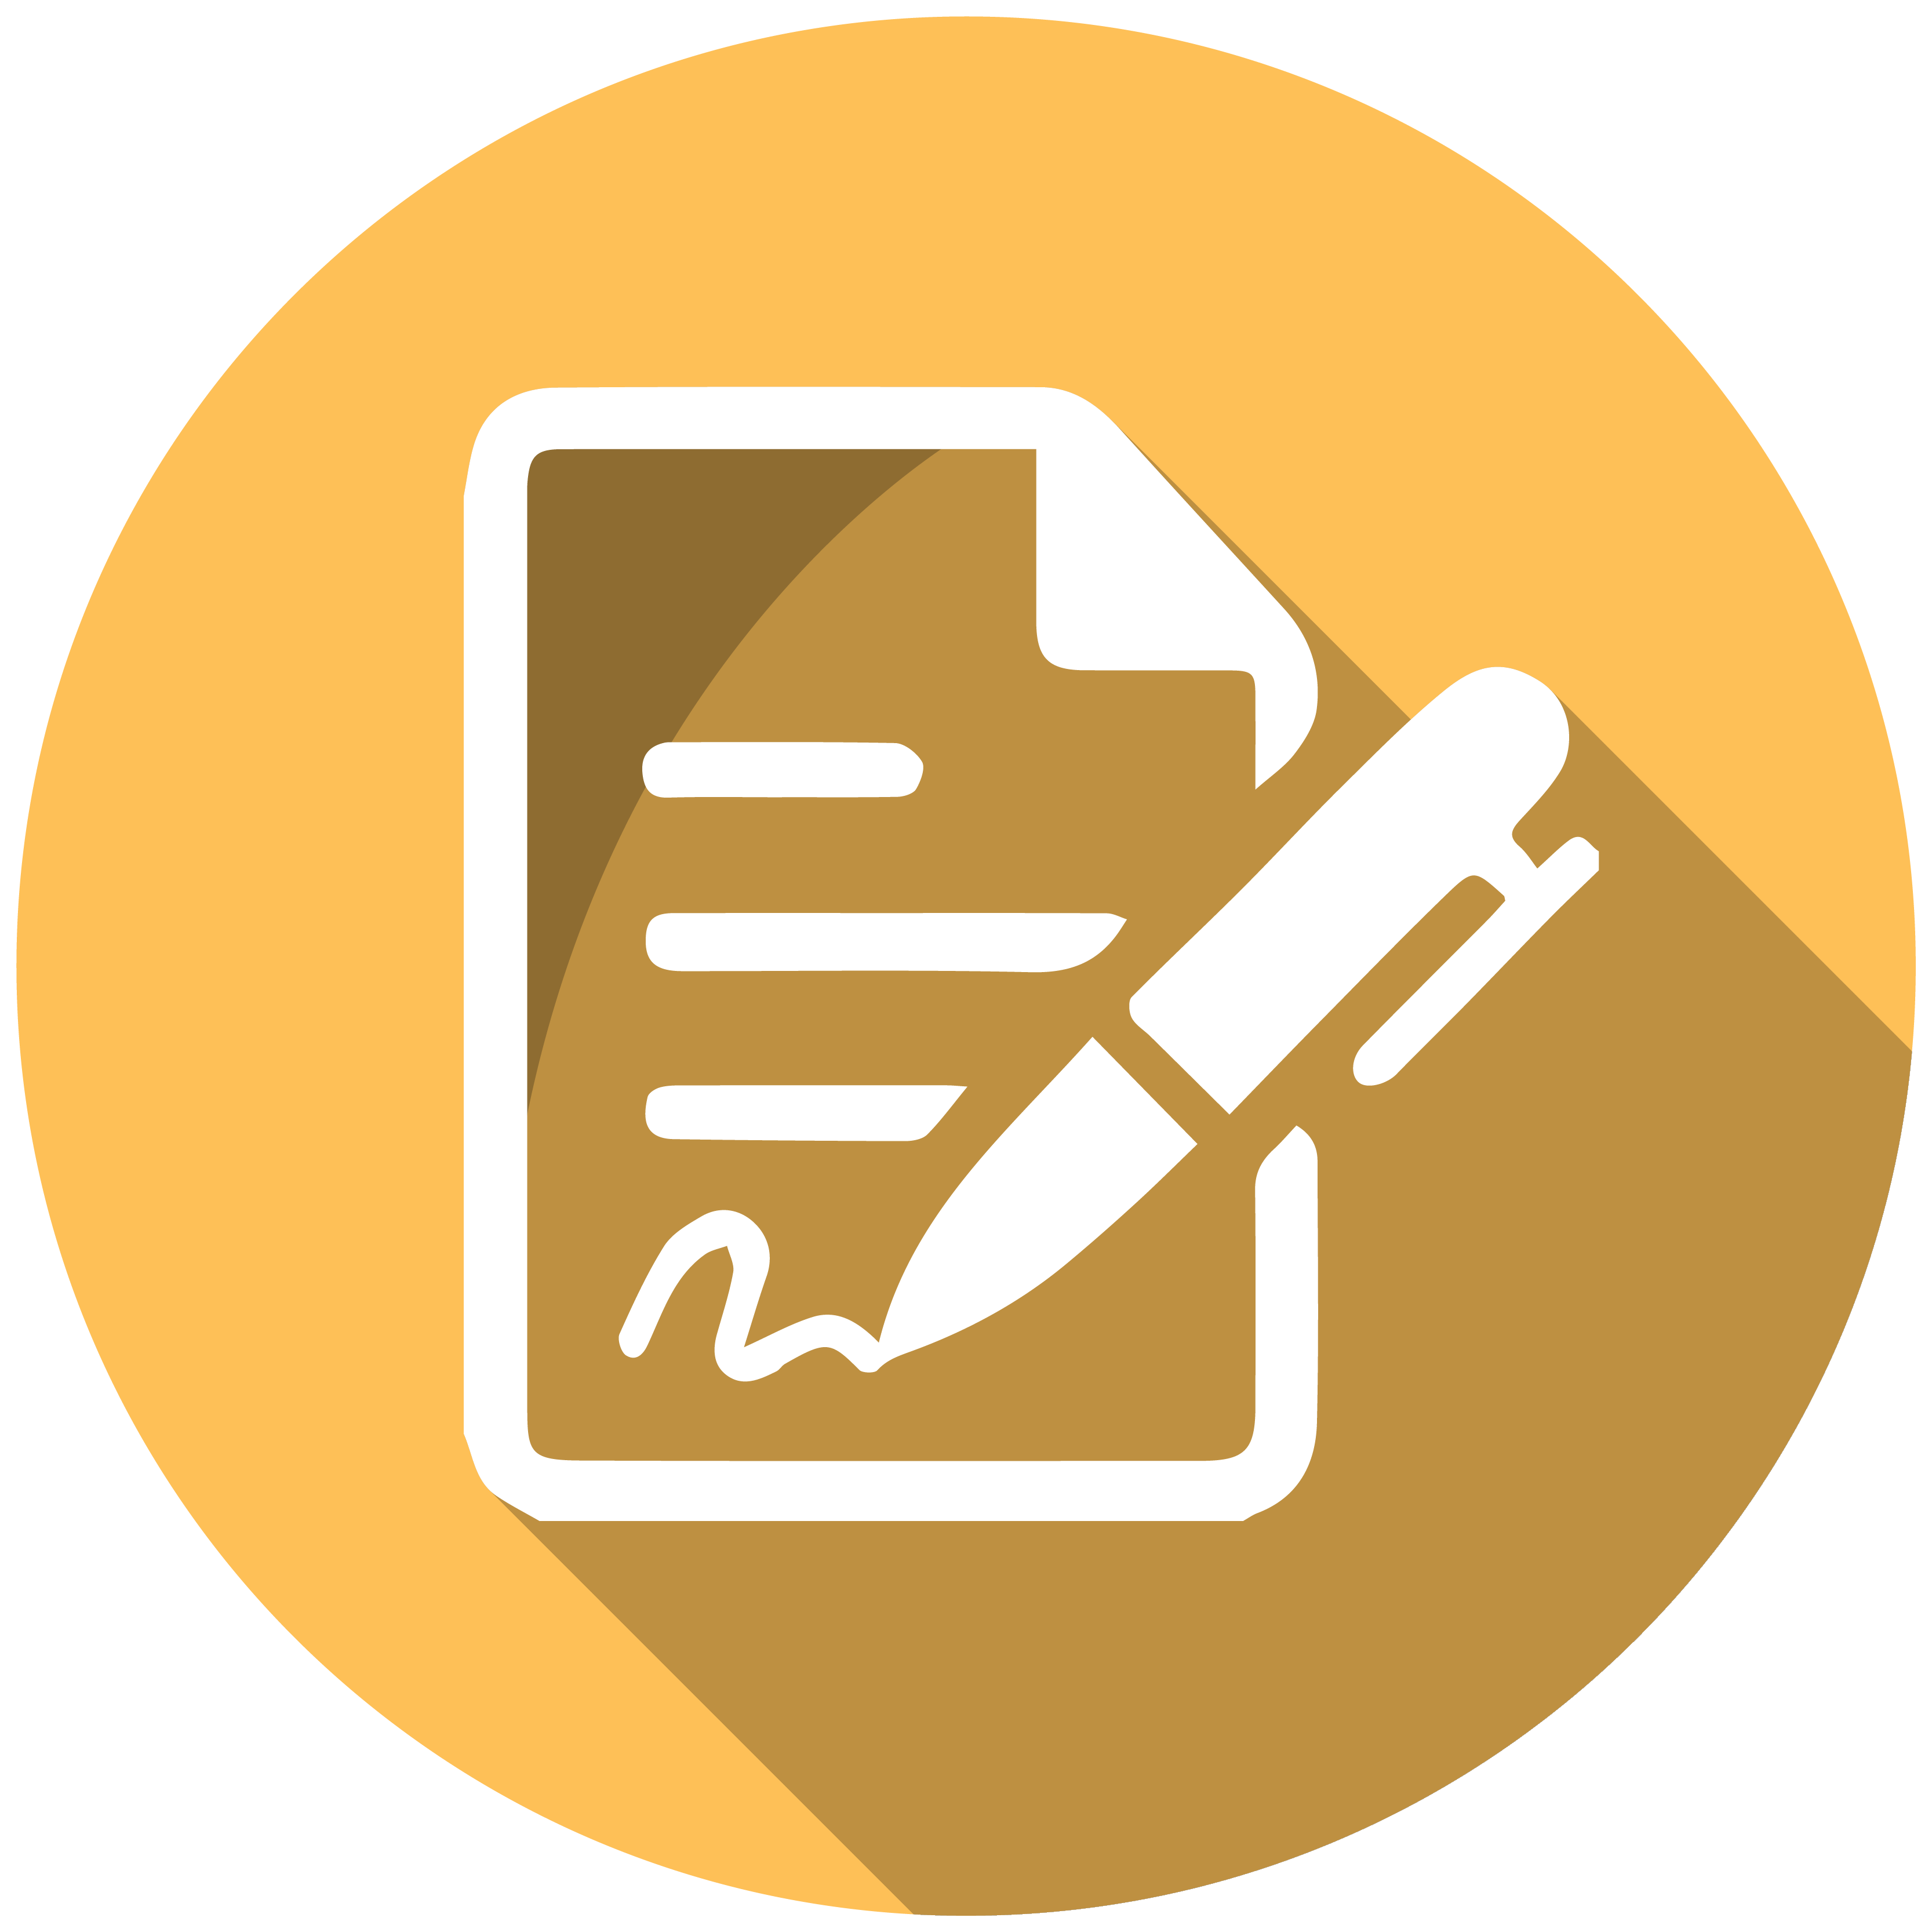 برترین فایل پاورپوینت فصل سوم کتاب مبانی مدیریت رفتار سازمانی دکتر رضائیان با موضوع ادراک